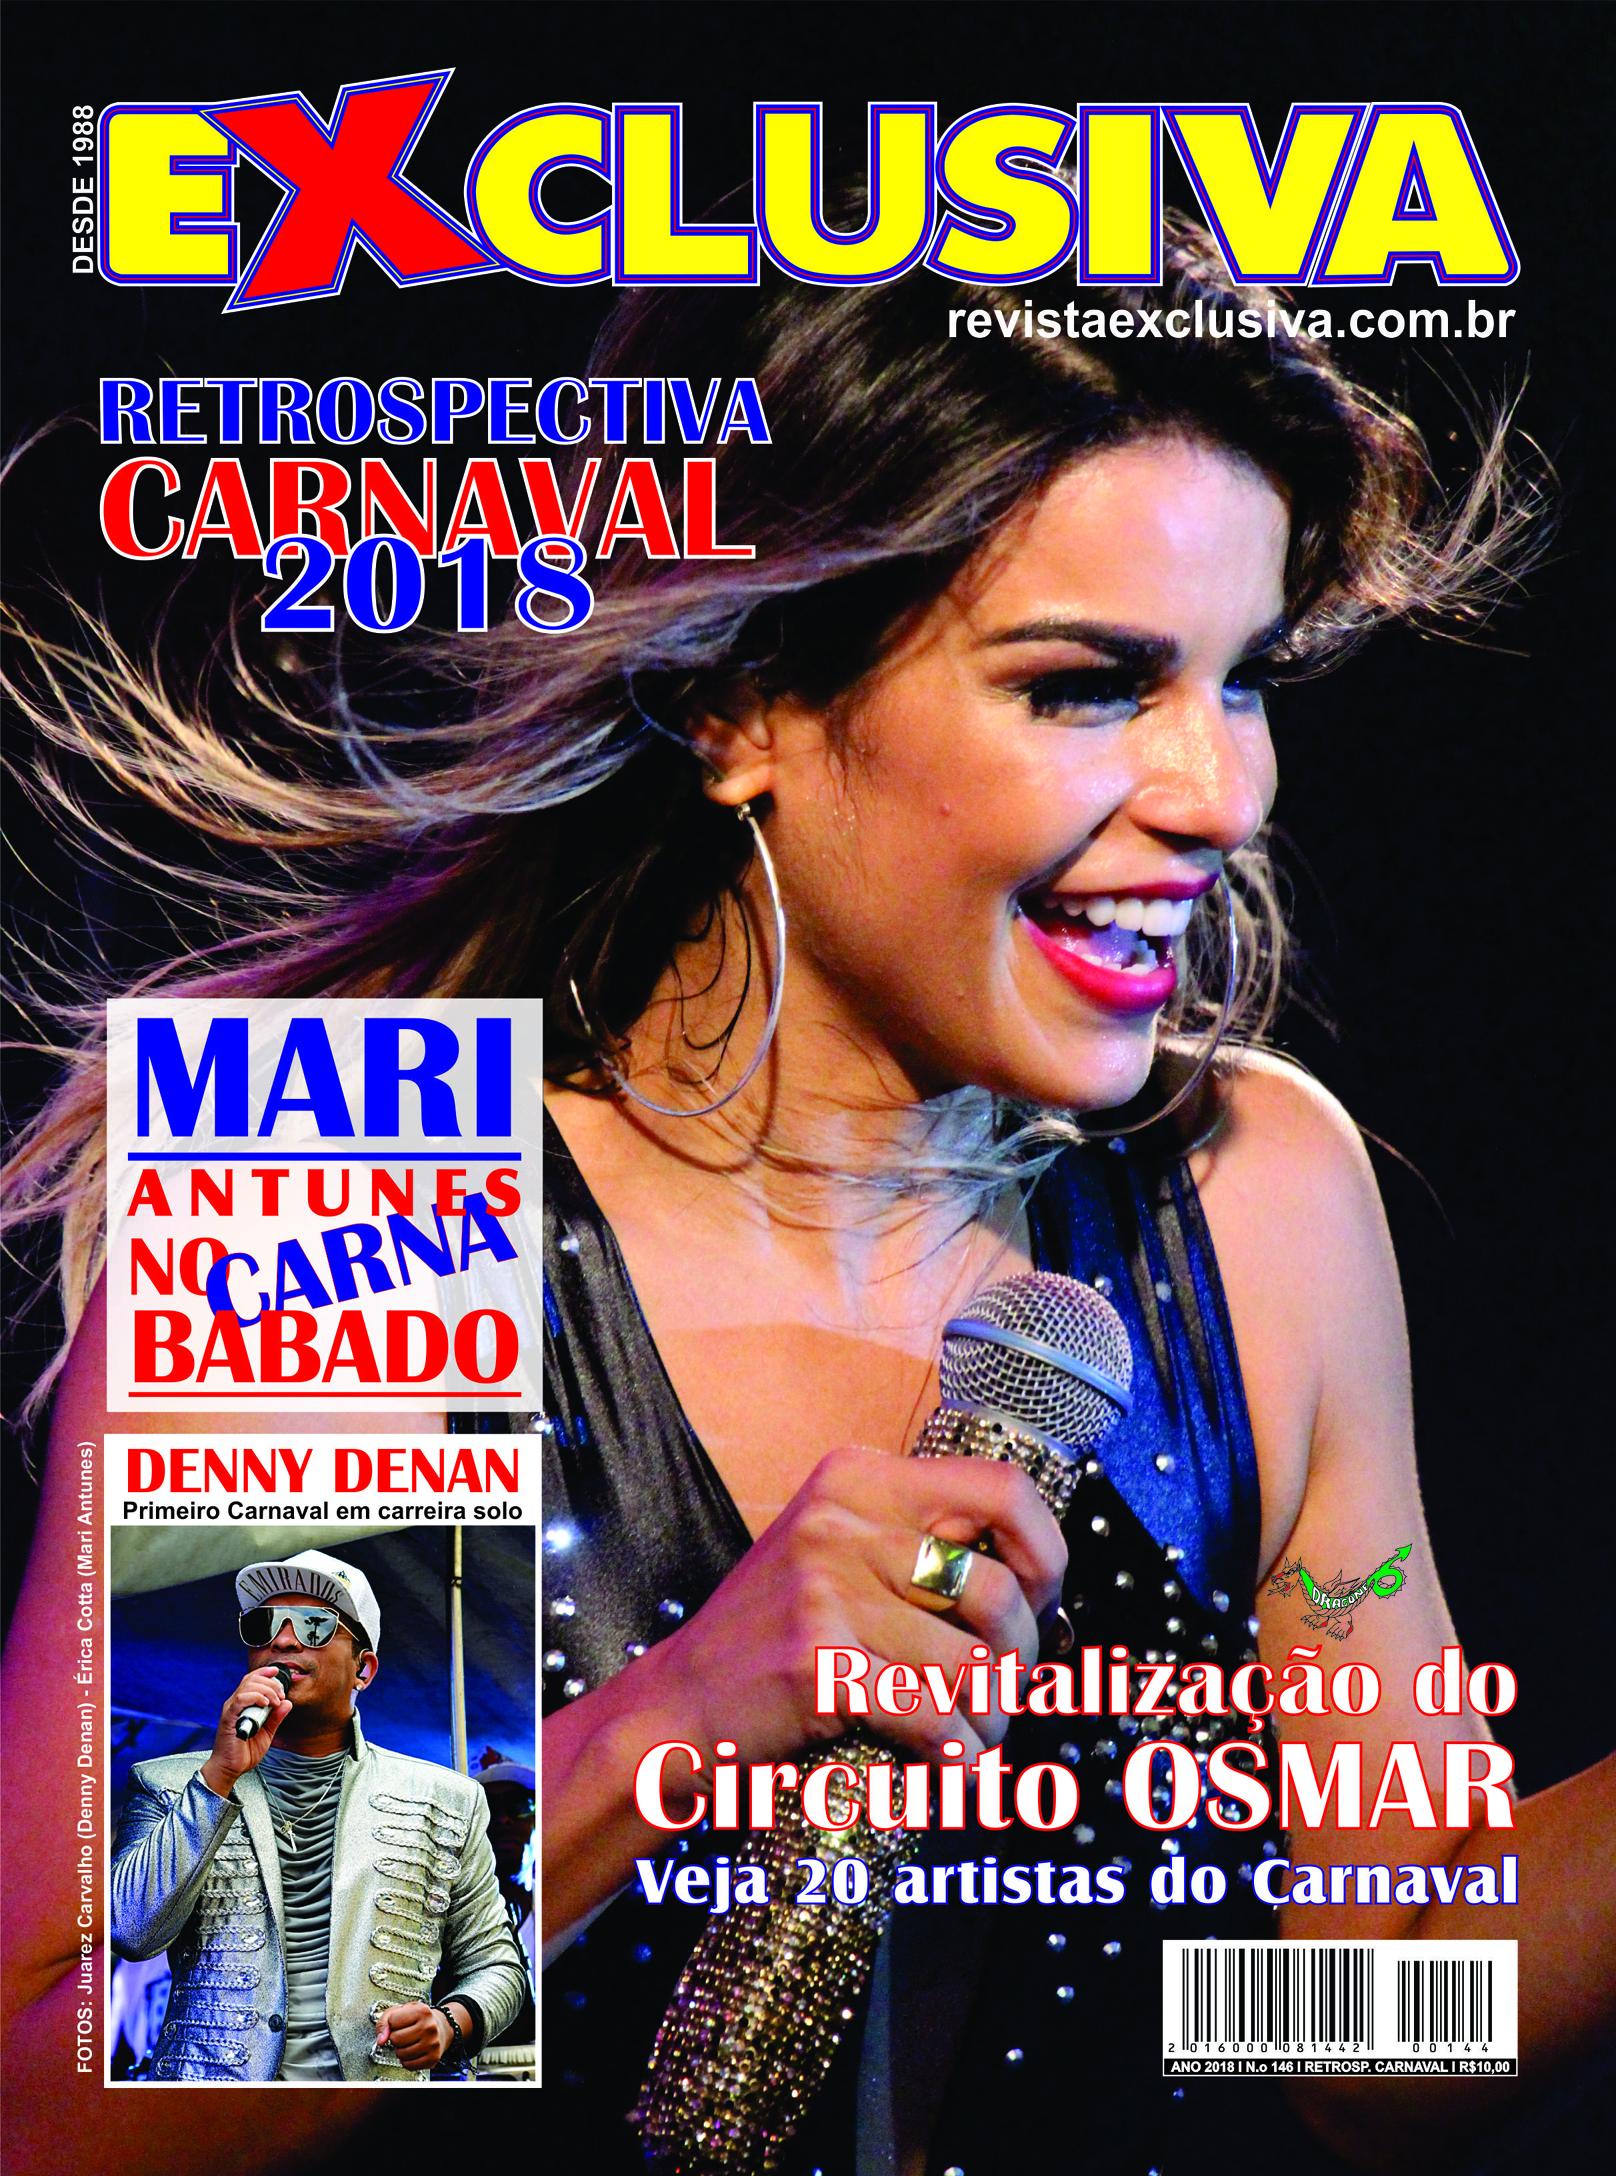 Edição Especial Retrospectiva Carnaval de Salvador 2018